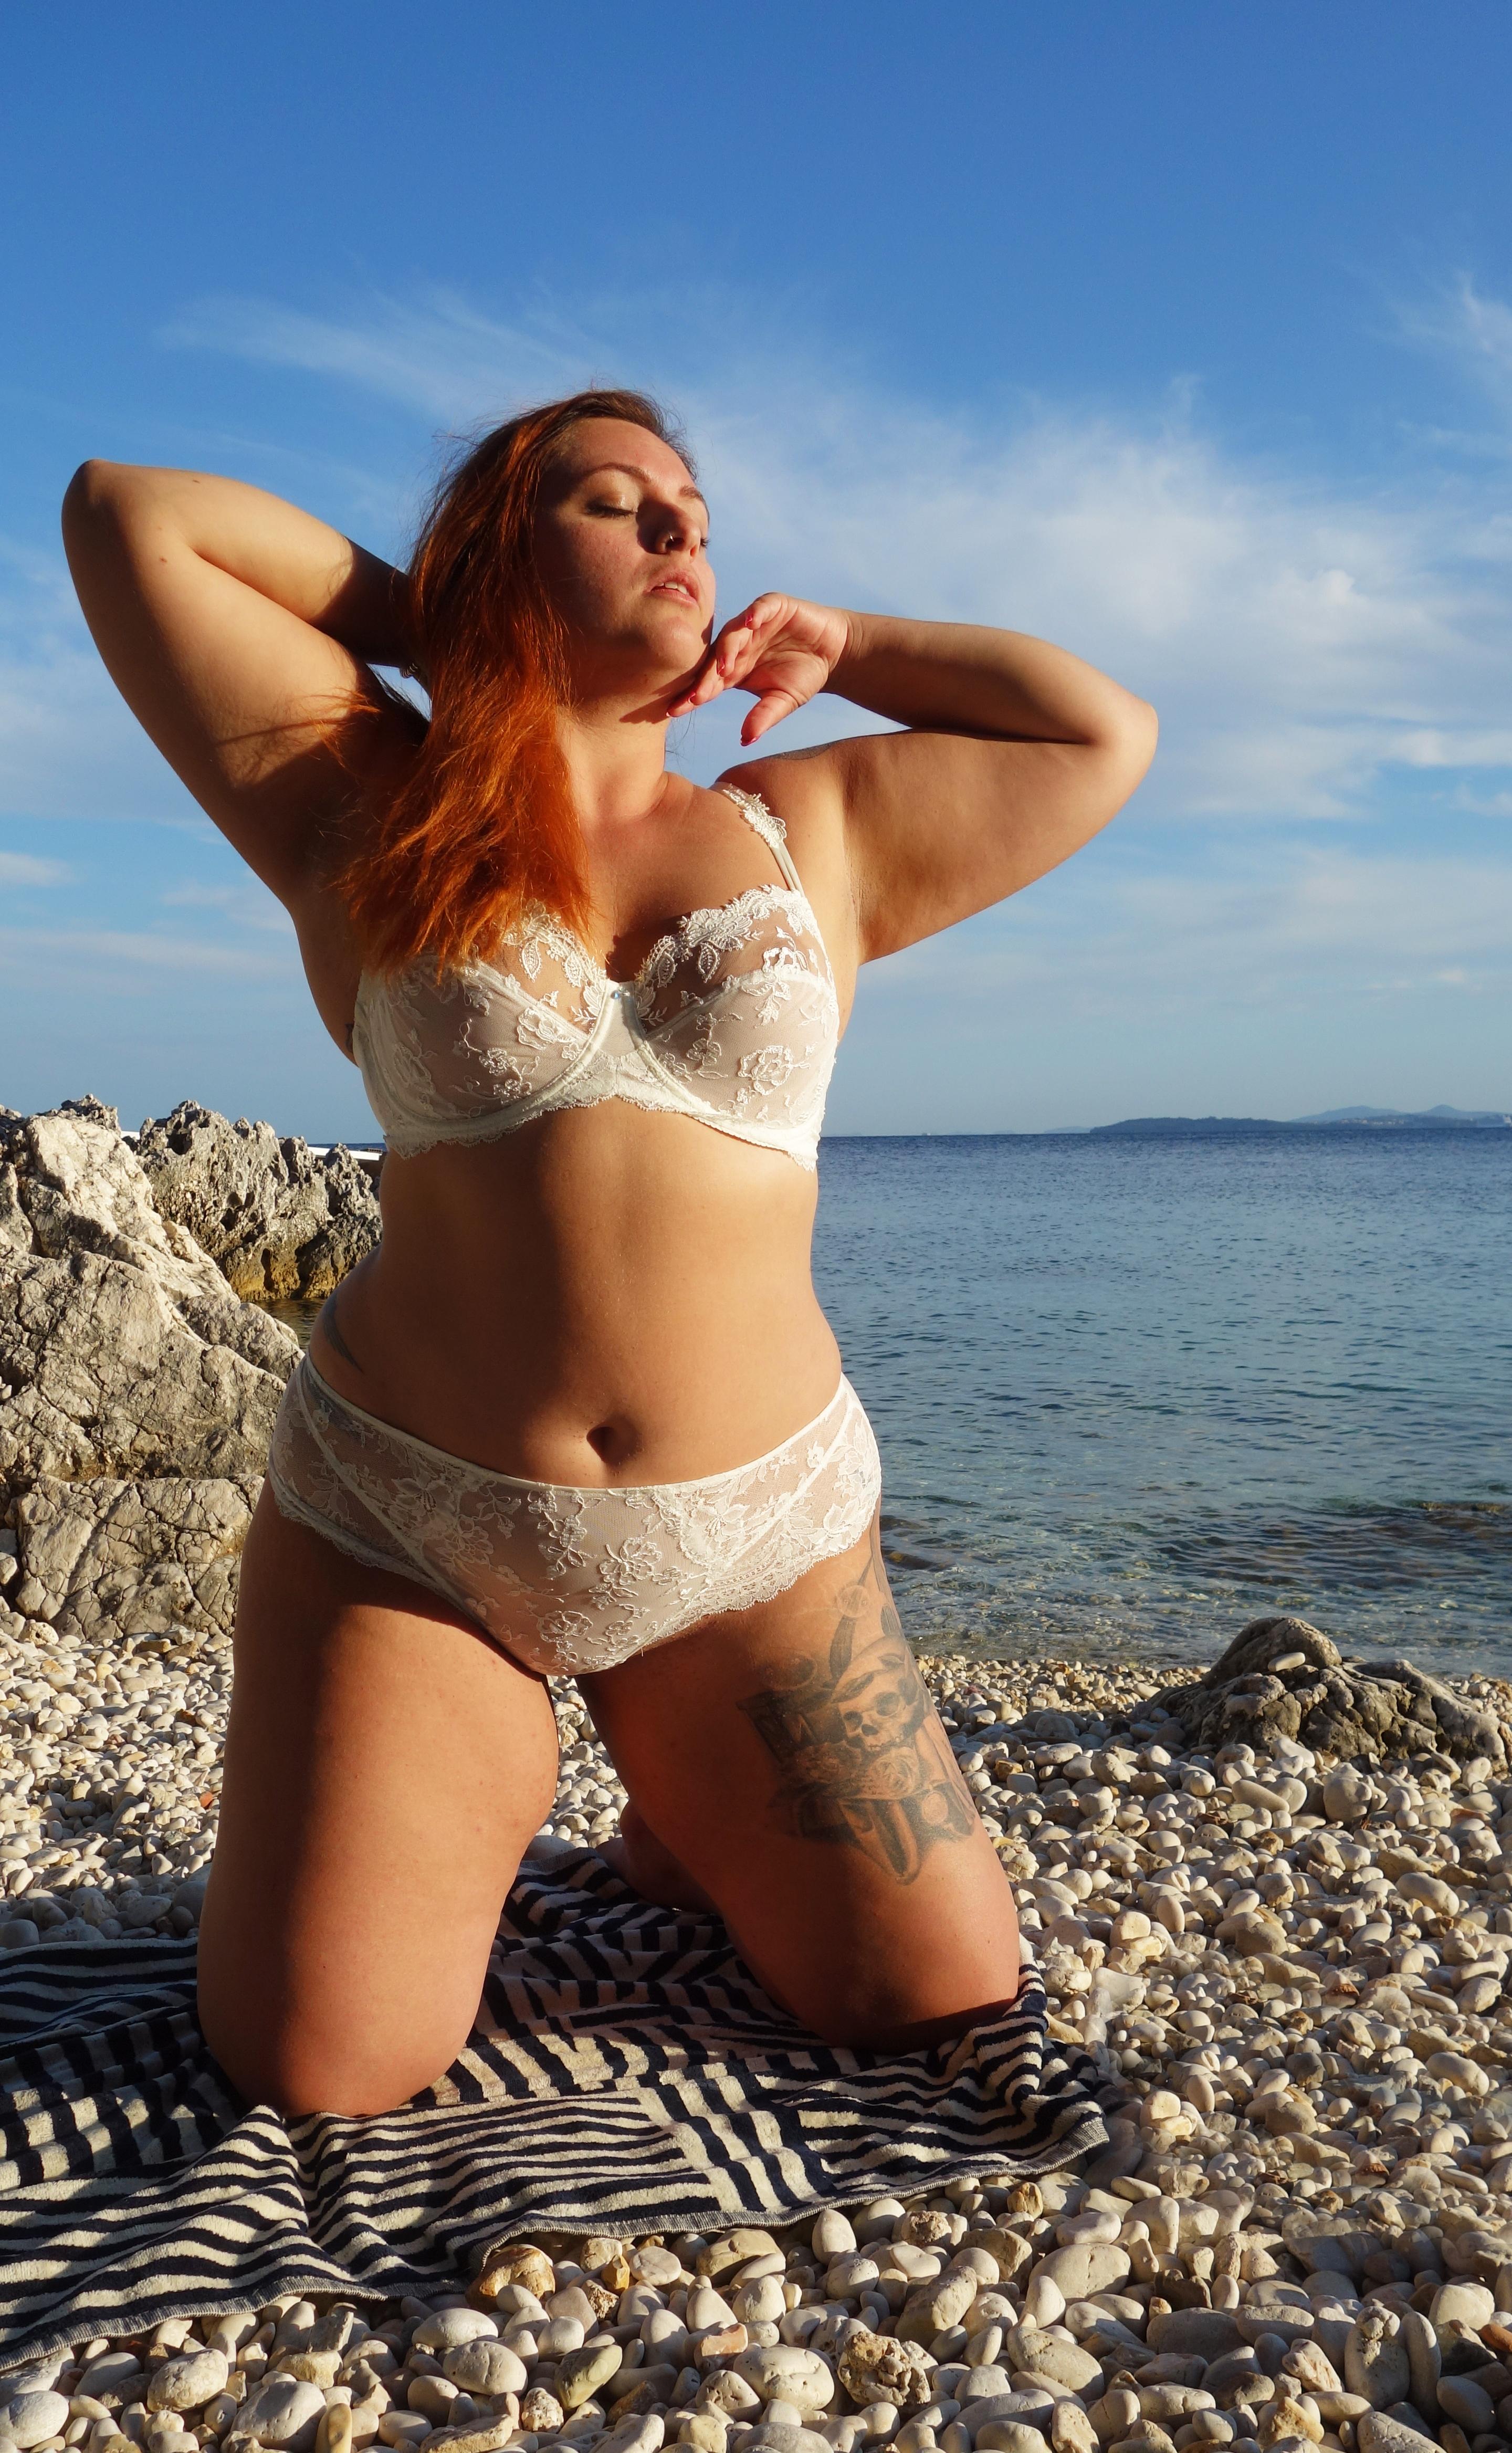 eprise-lise-charmel-le-salon-de-frivolites-blog-lingerie-grande-taille-a-genoux